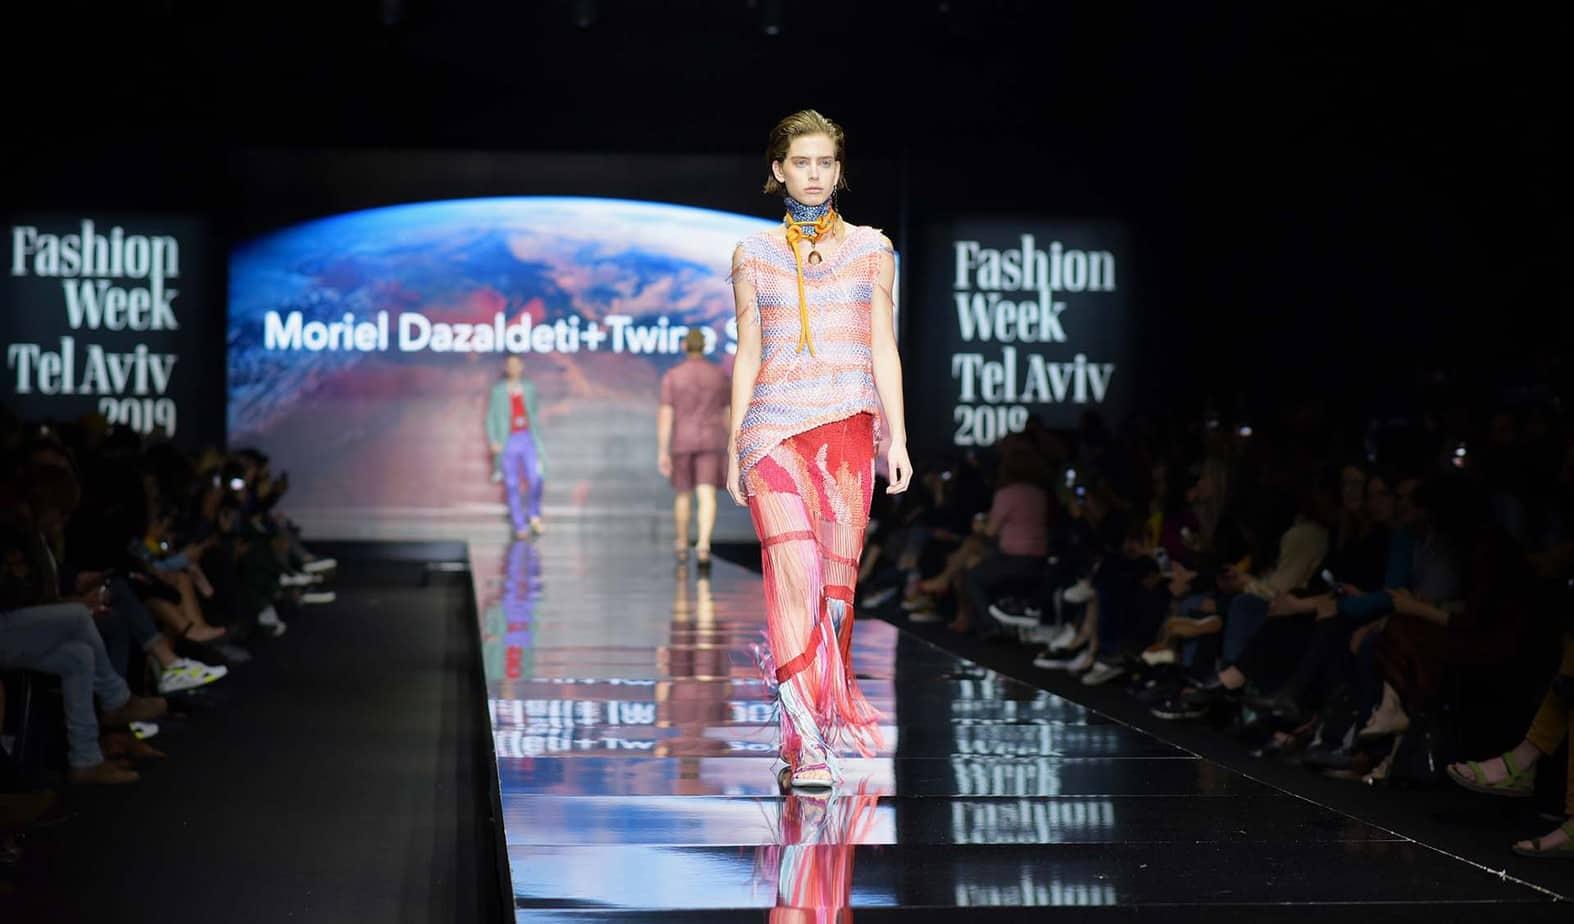 שורש. שבוע האופנה תל אביב 2019, צילום סרגו סטרודובצב - 10